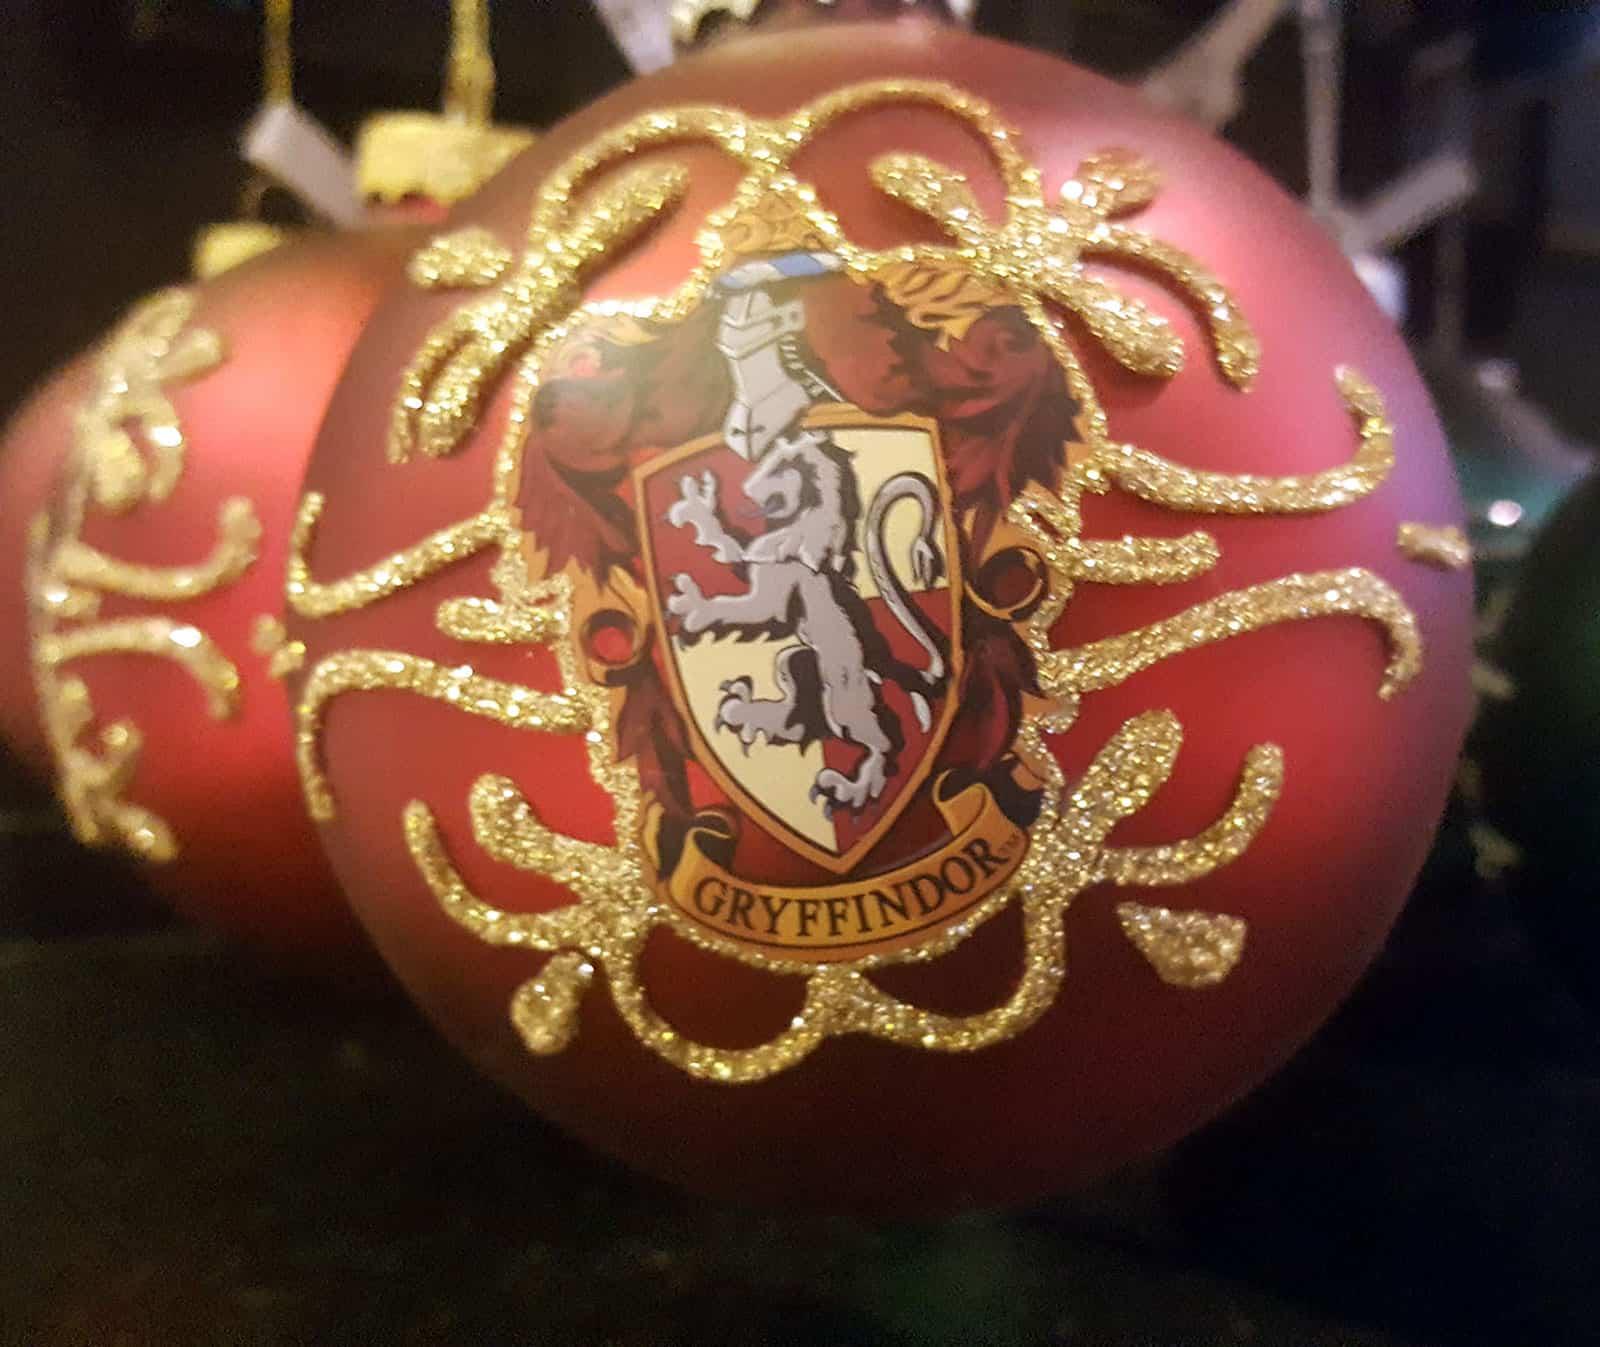 Beleuchtete Weihnachtskugeln.Weihnachtskugeln Harry Potter Jetzt Entdecken Und Online Bestellen